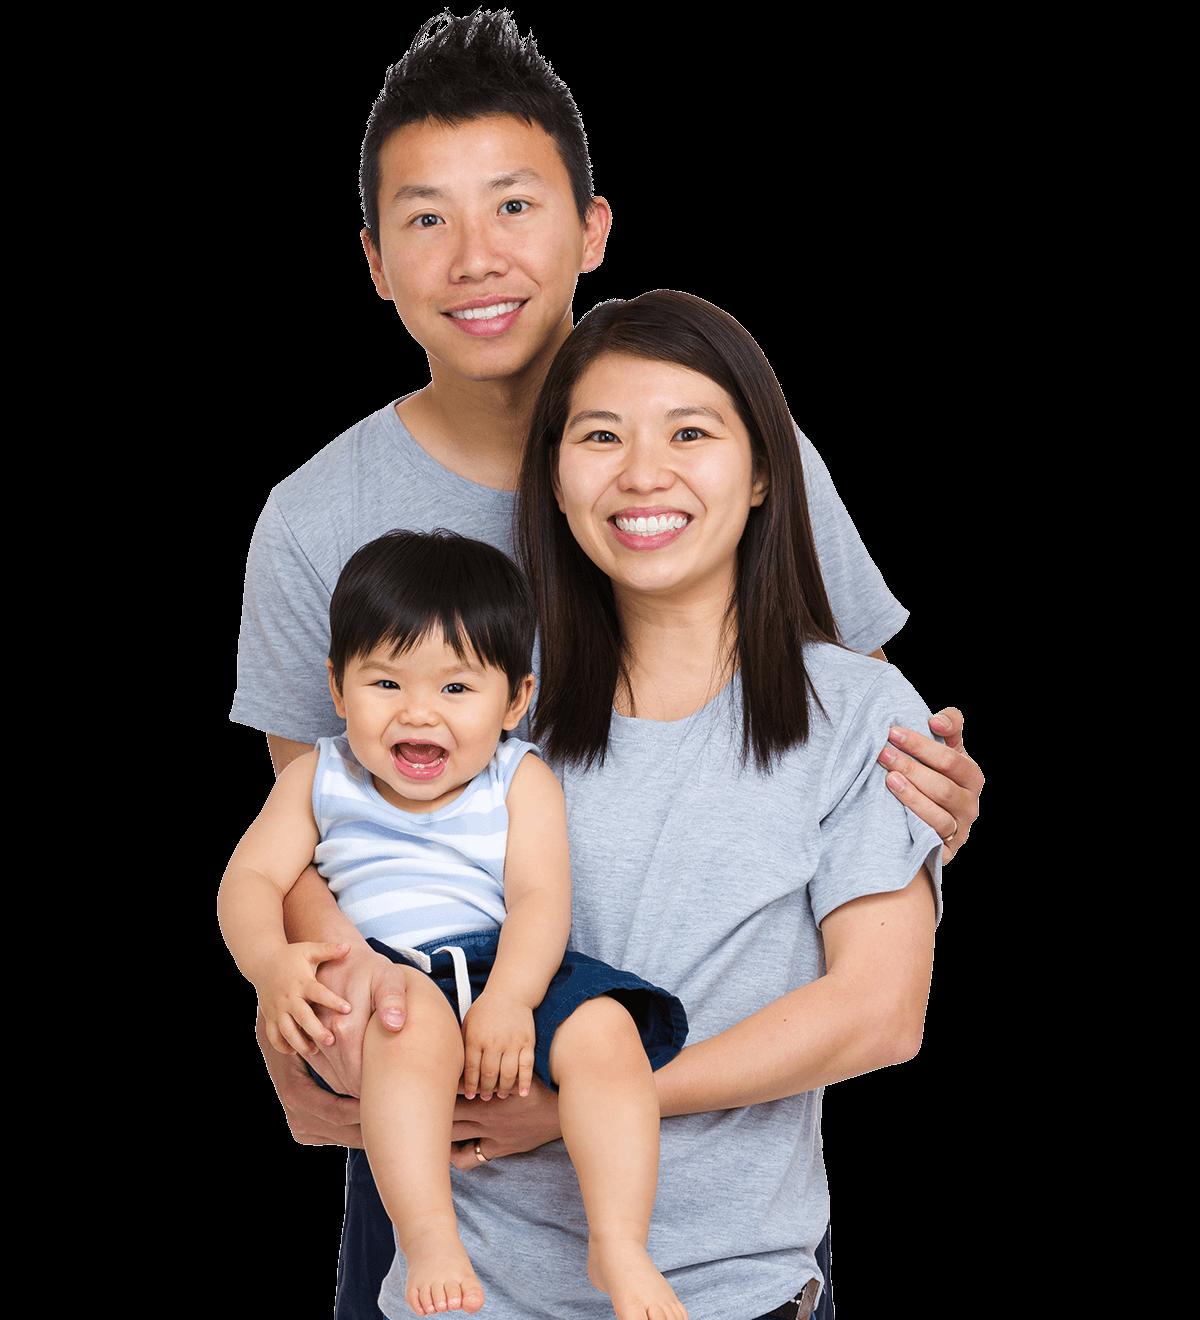 A really happy family